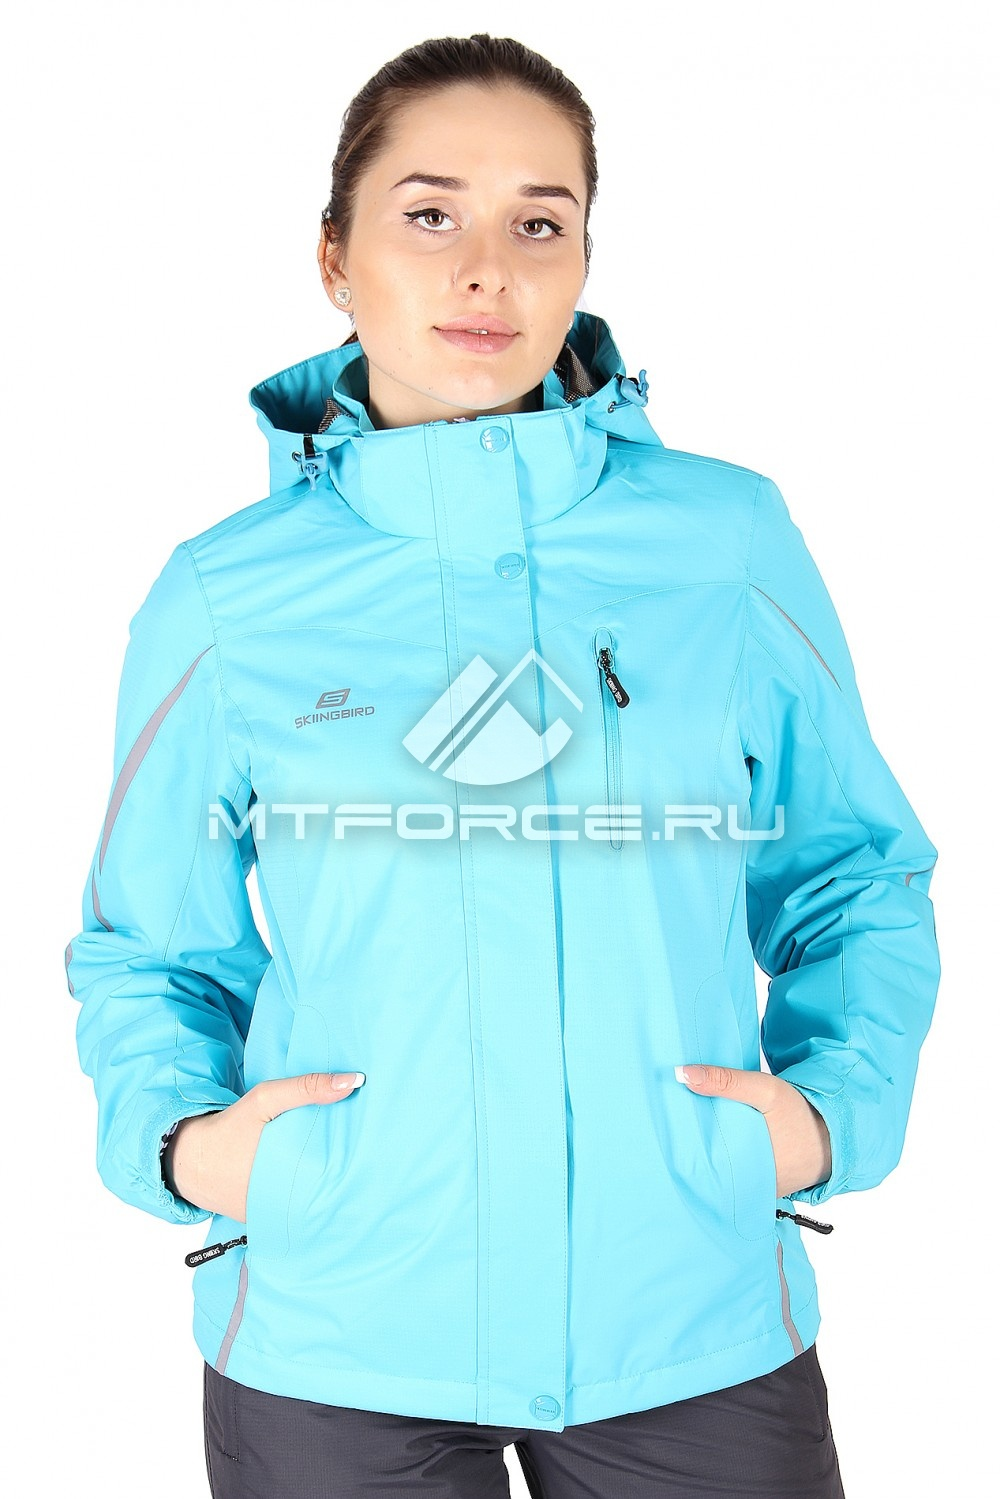 Купить                                  оптом Куртка спортивная женская весна голубого цвета 1617Gl